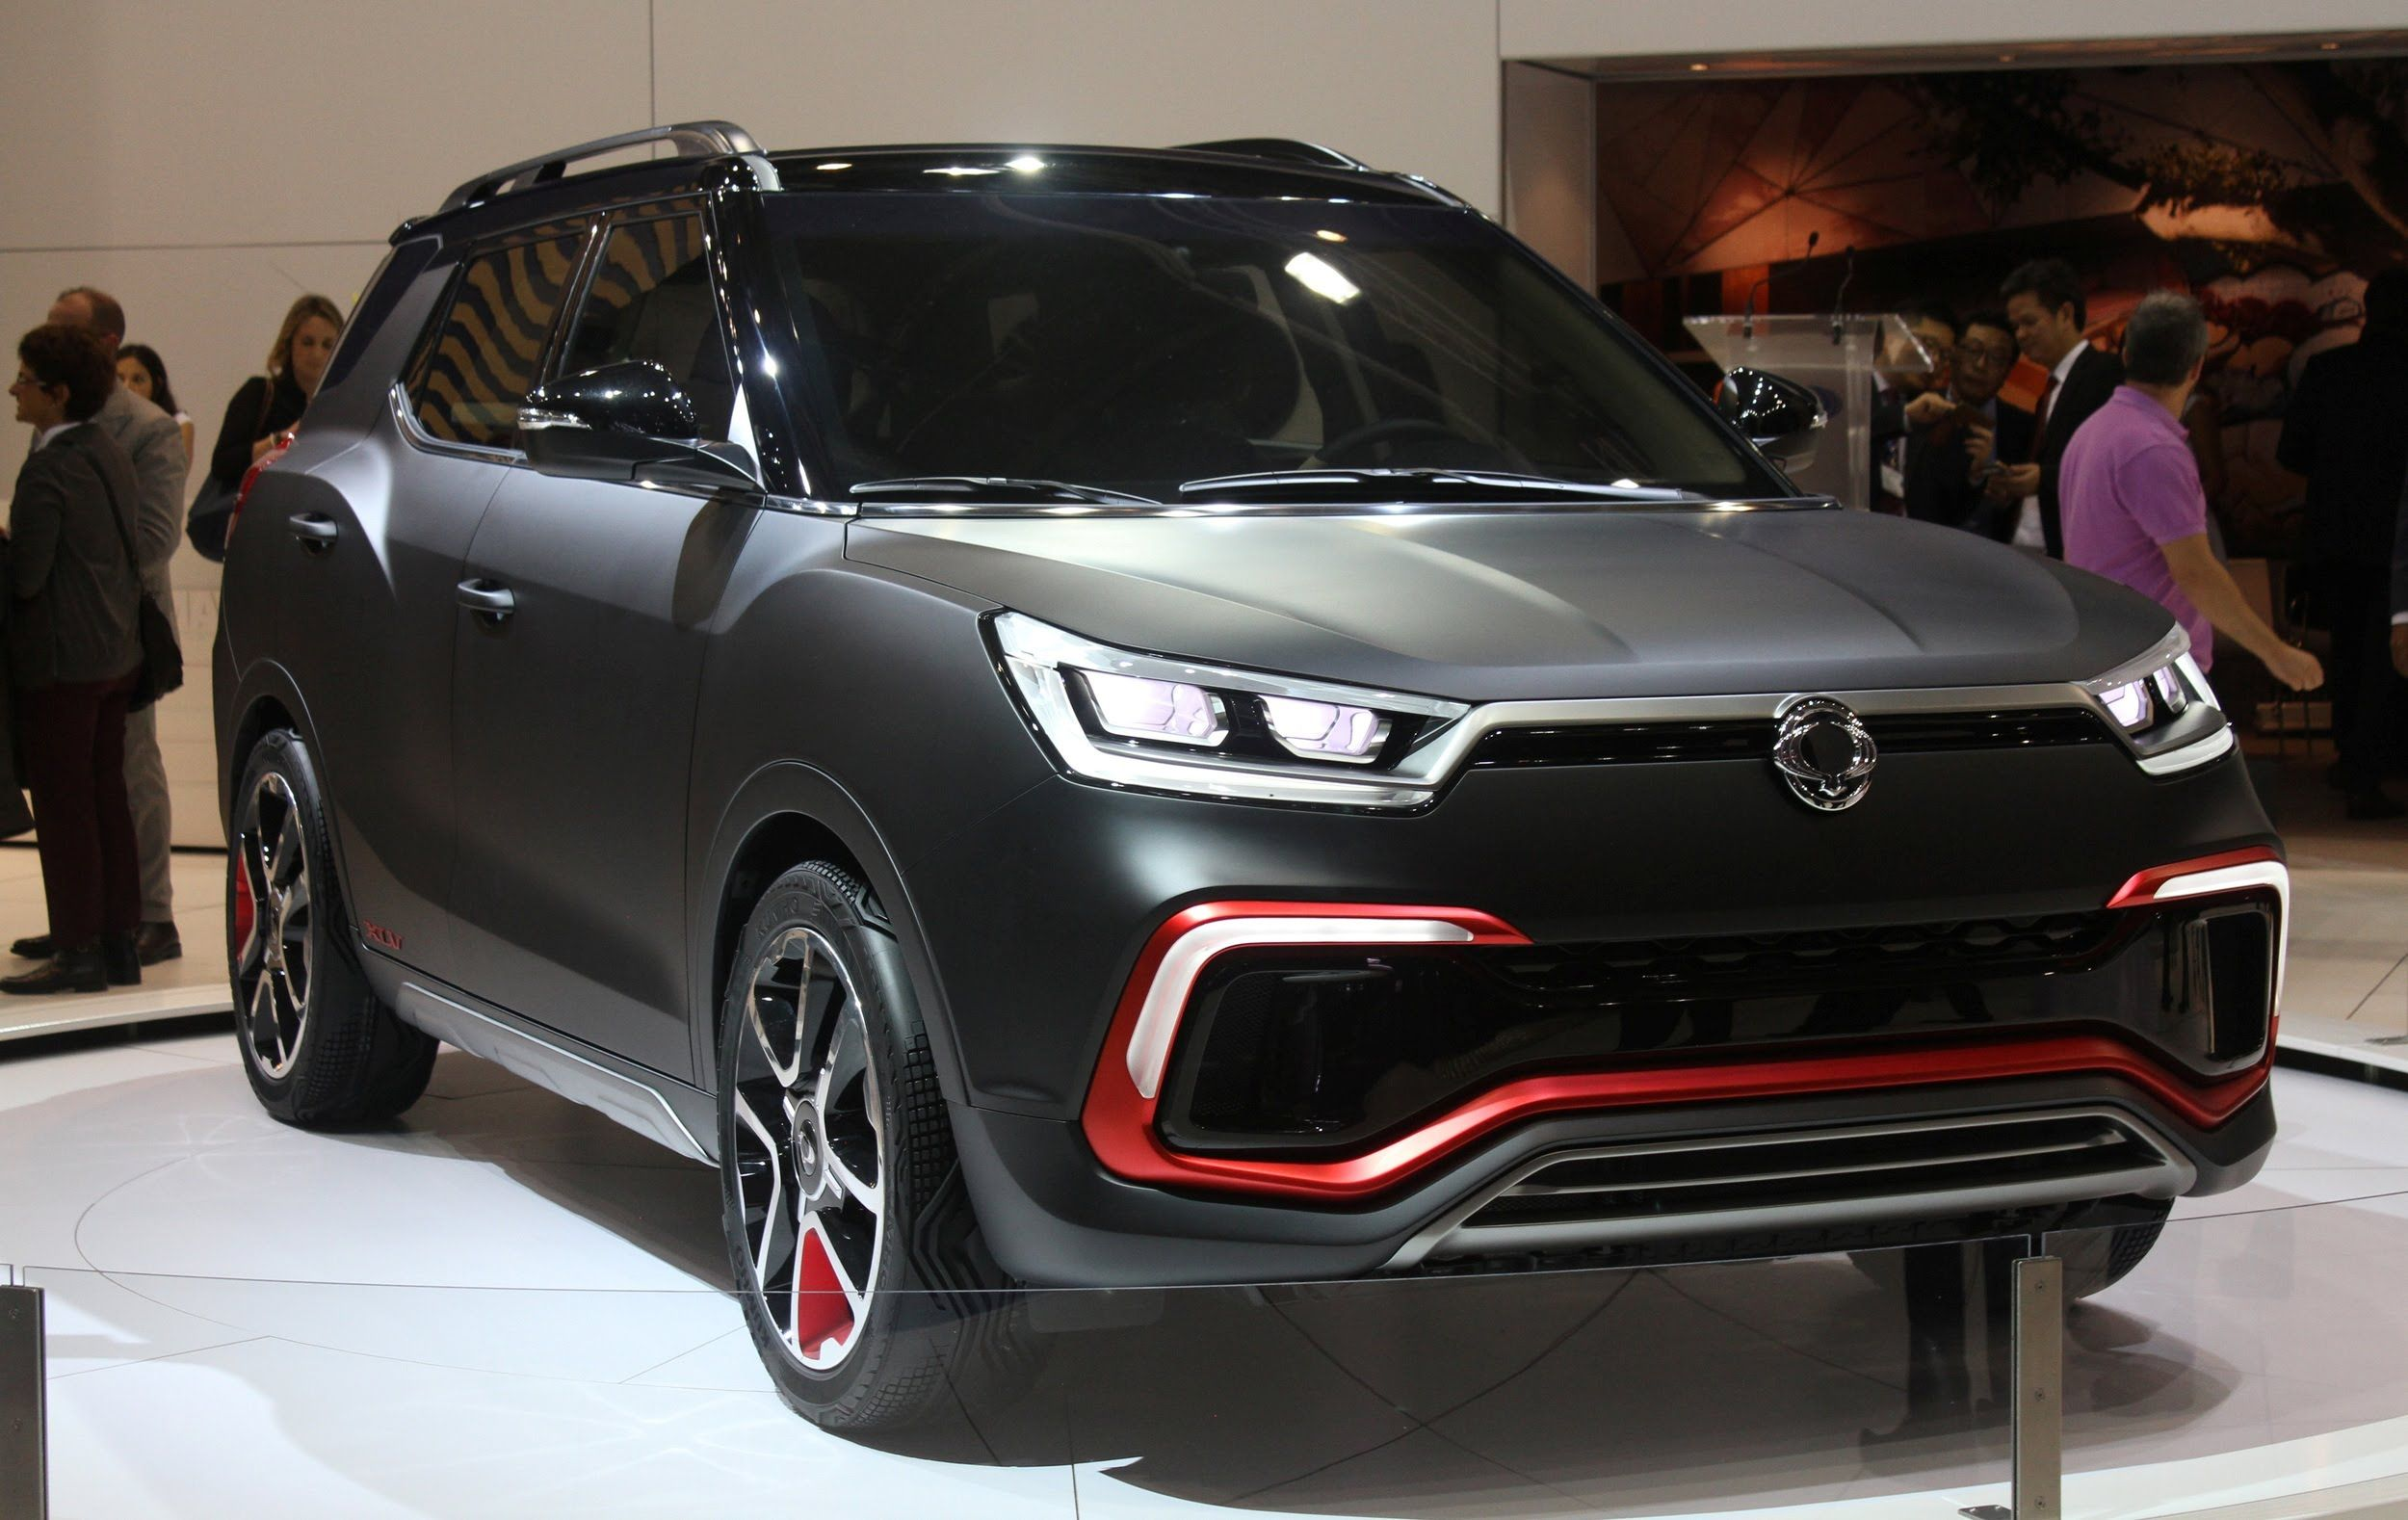 Ssangyong Xlv Air Concept 2015 Frankfurt Motor Show Motor Frankfurt Suv Car